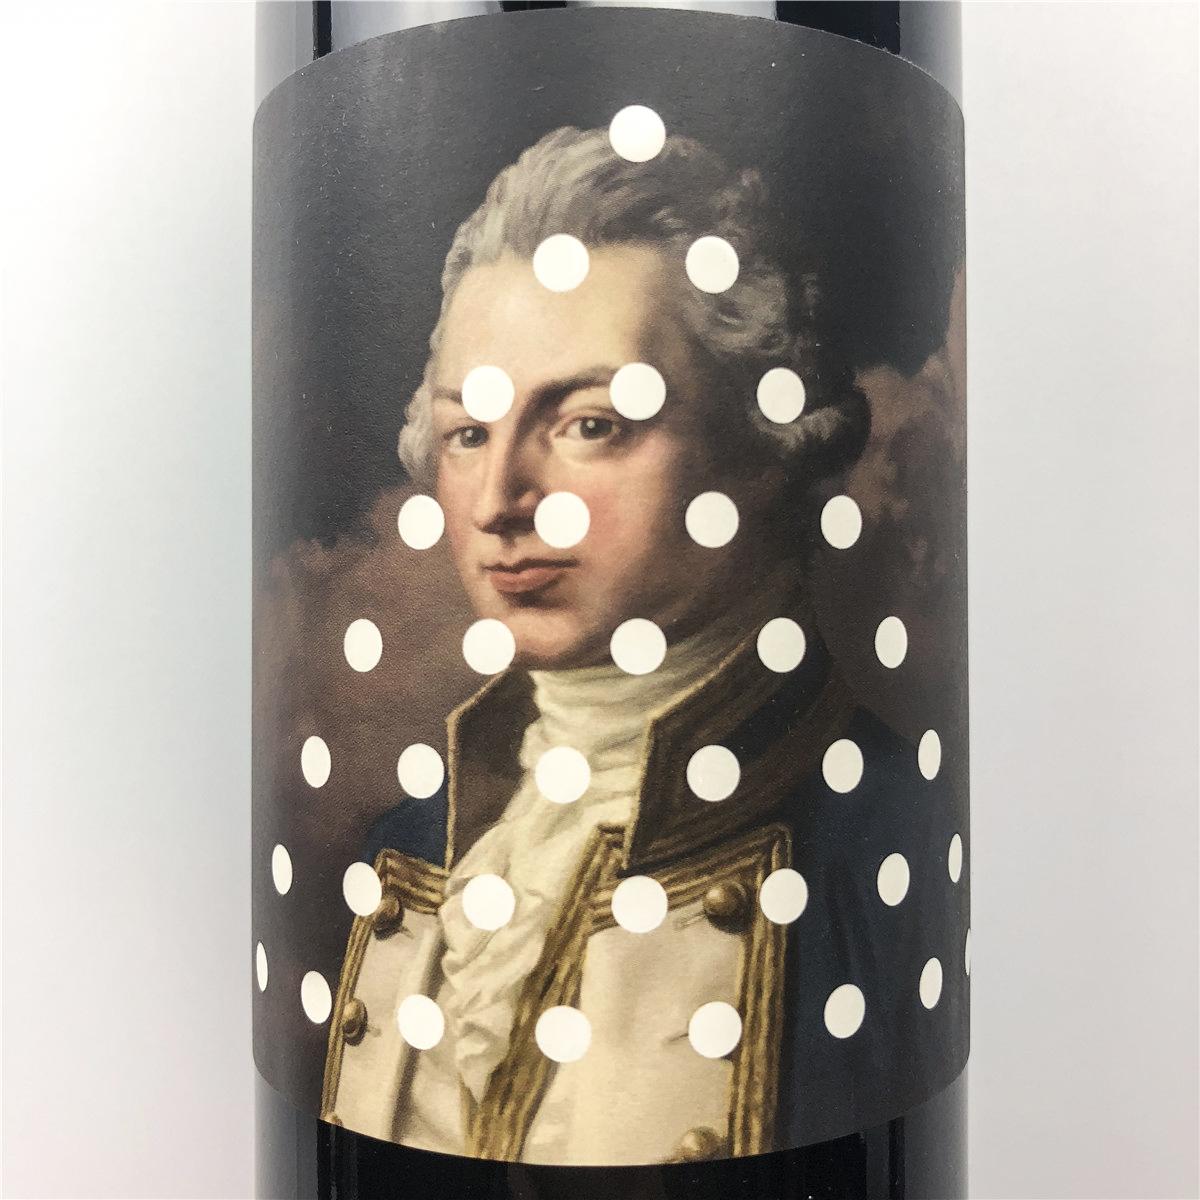 澳爵酒庄黑鸟干红葡萄酒 2016